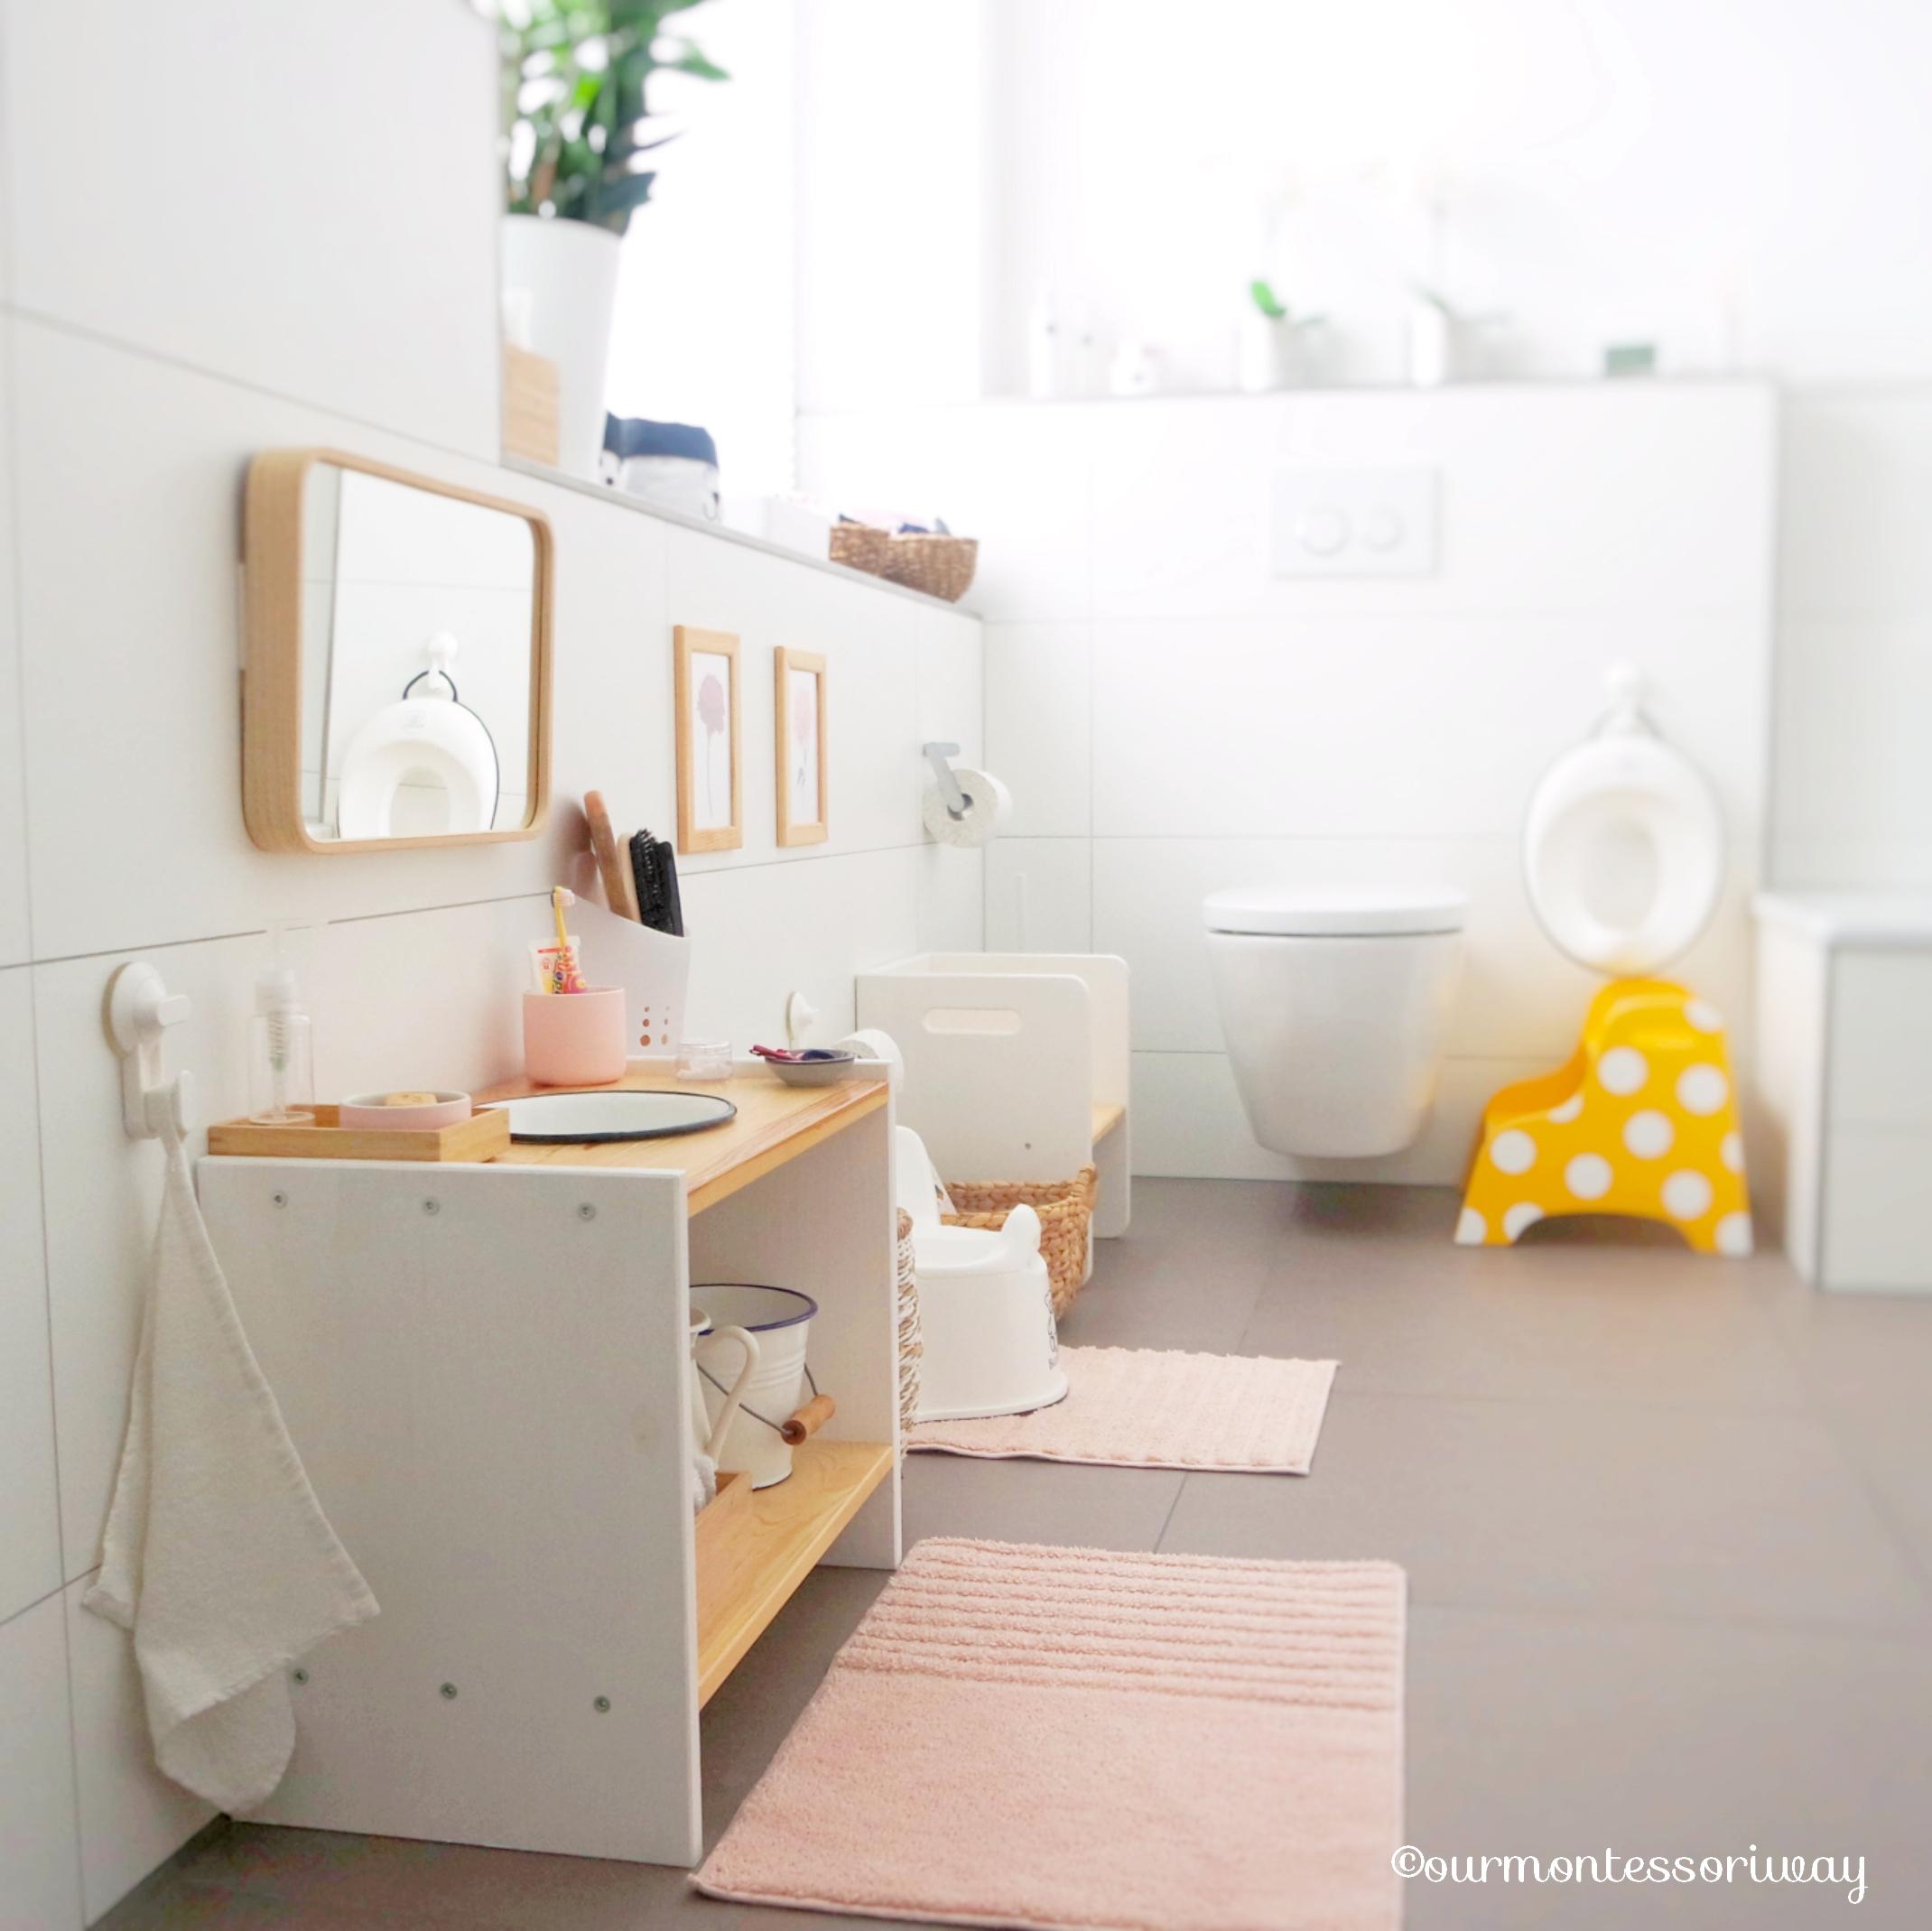 Cosimas Bereich im Badezimmer mit 200 Monaten Teil 20 Toilette ...